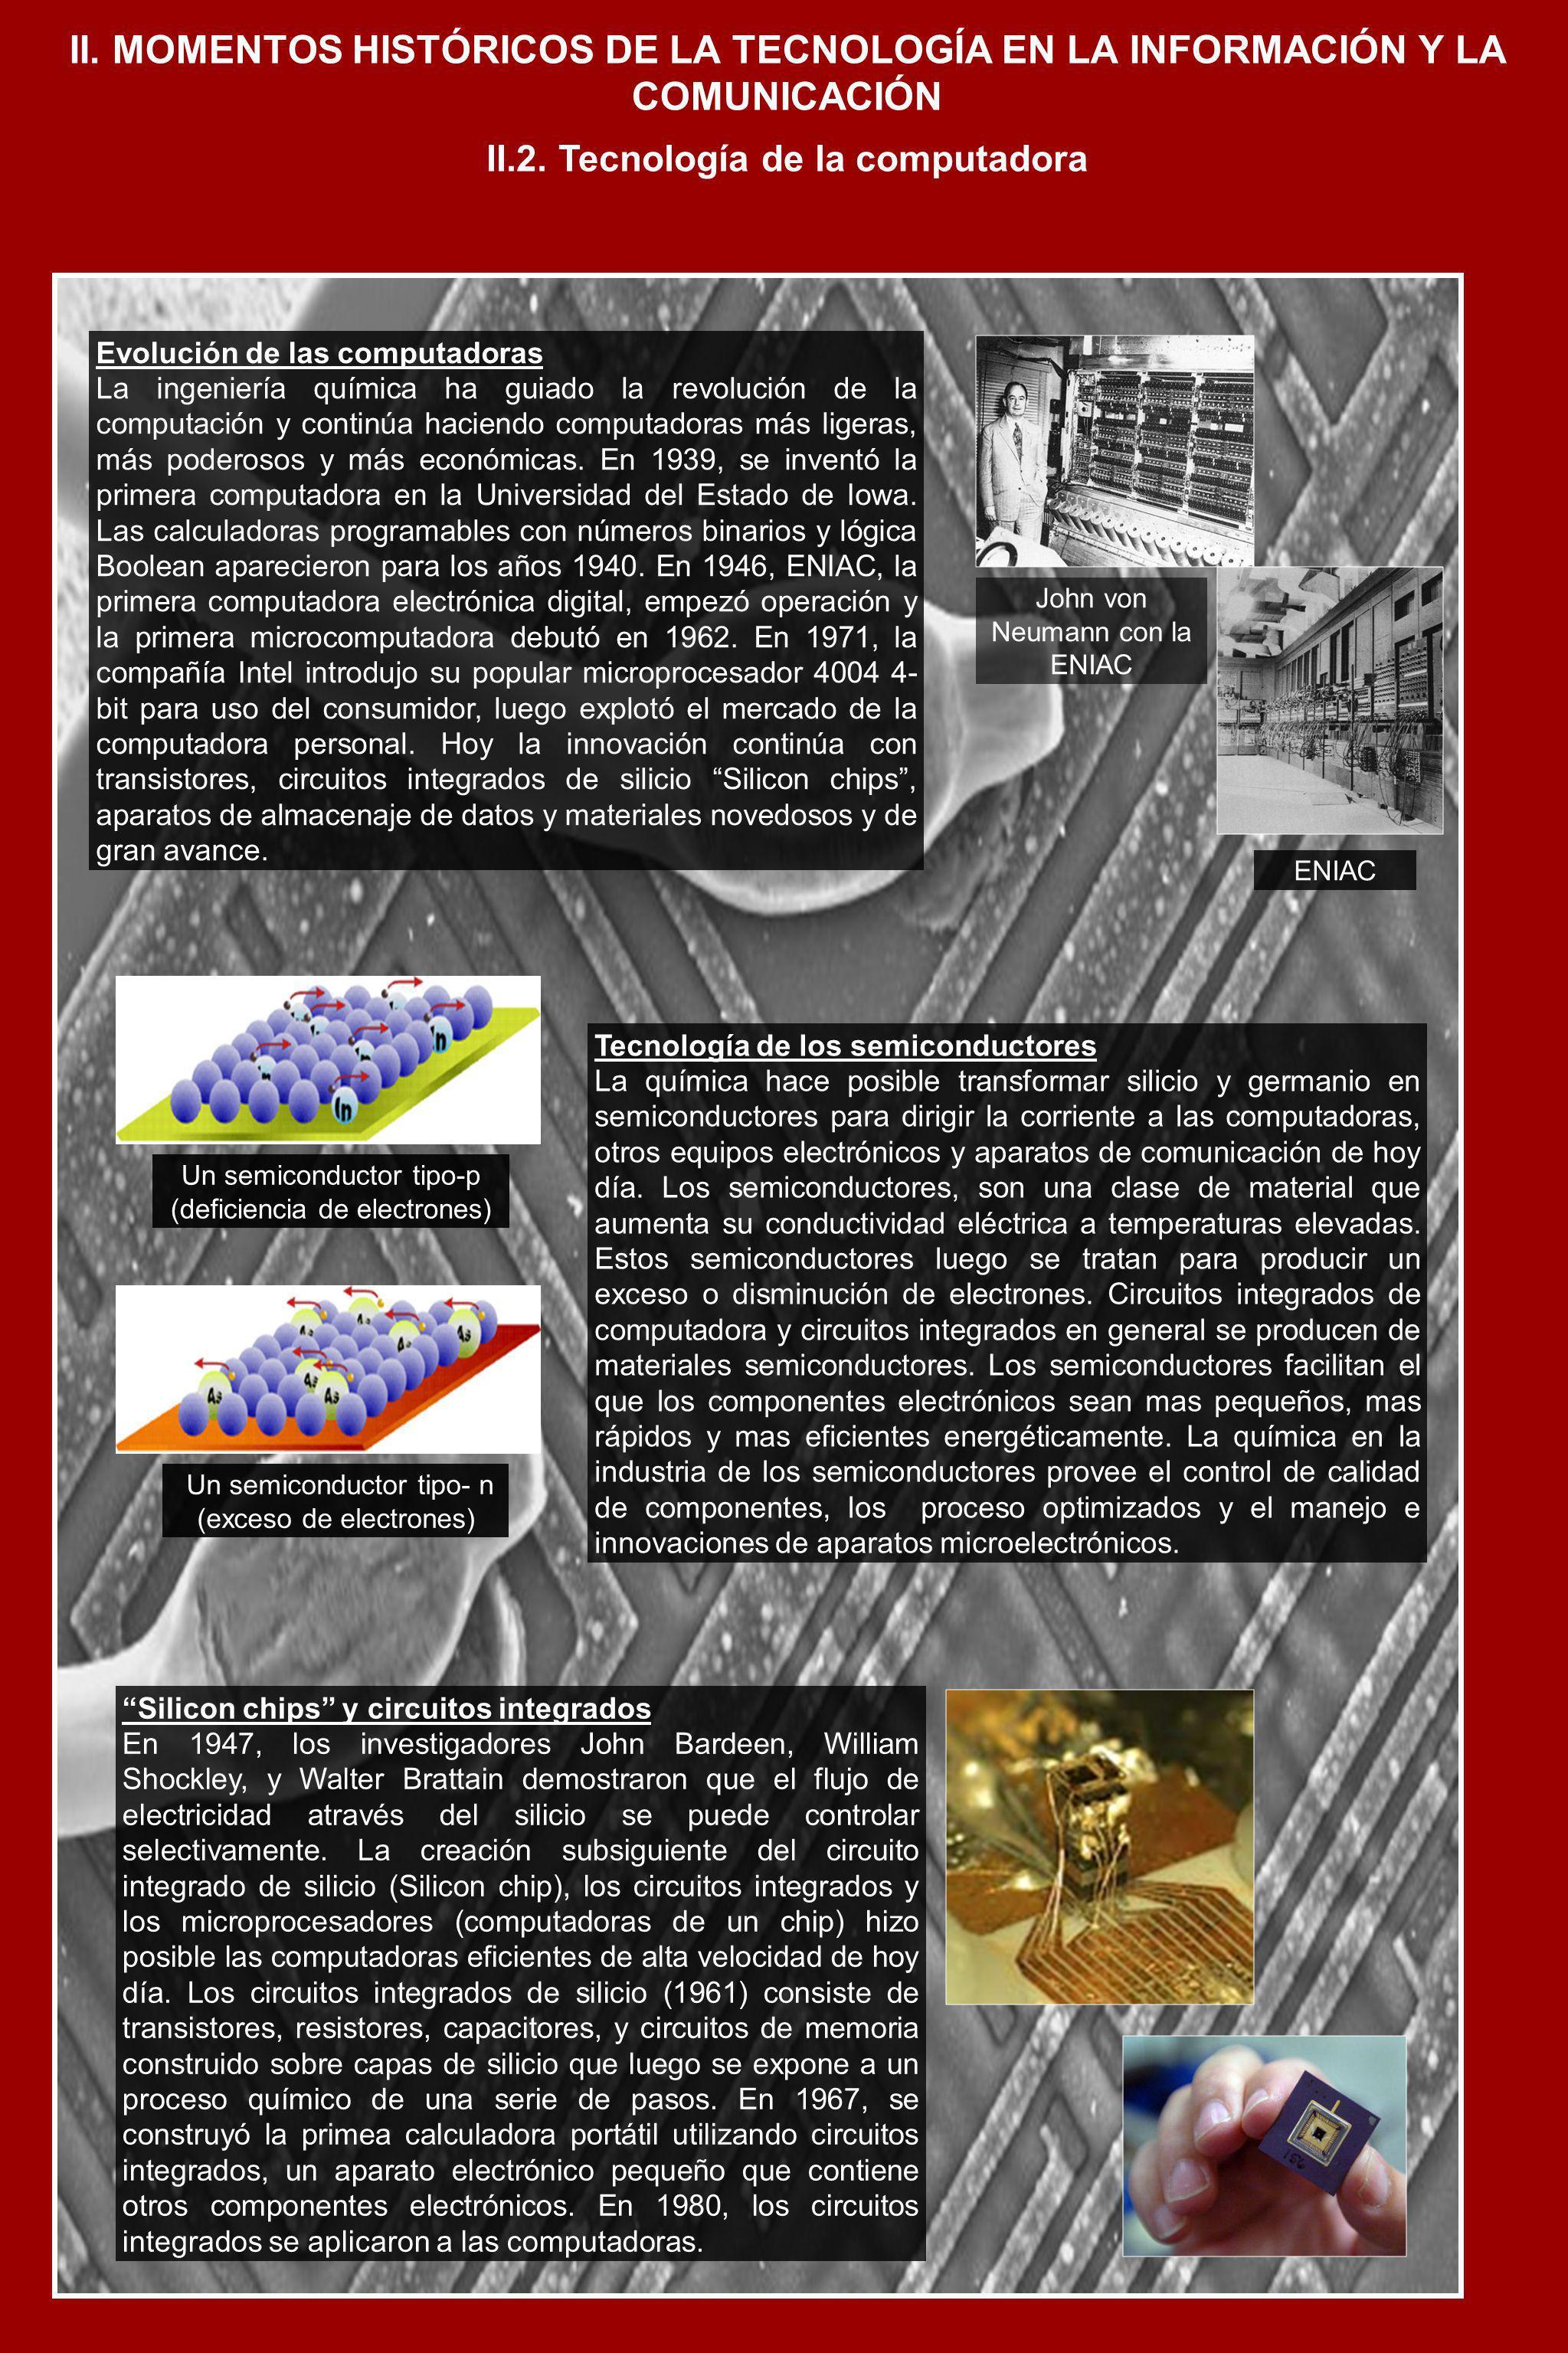 II. MOMENTOS HISTÓRICOS DE LA TECNOLOGÍA EN LA INFORMACIÓN Y LA COMUNICACIÓN Evolución de las computadoras La ingeniería química ha guiado la revoluci